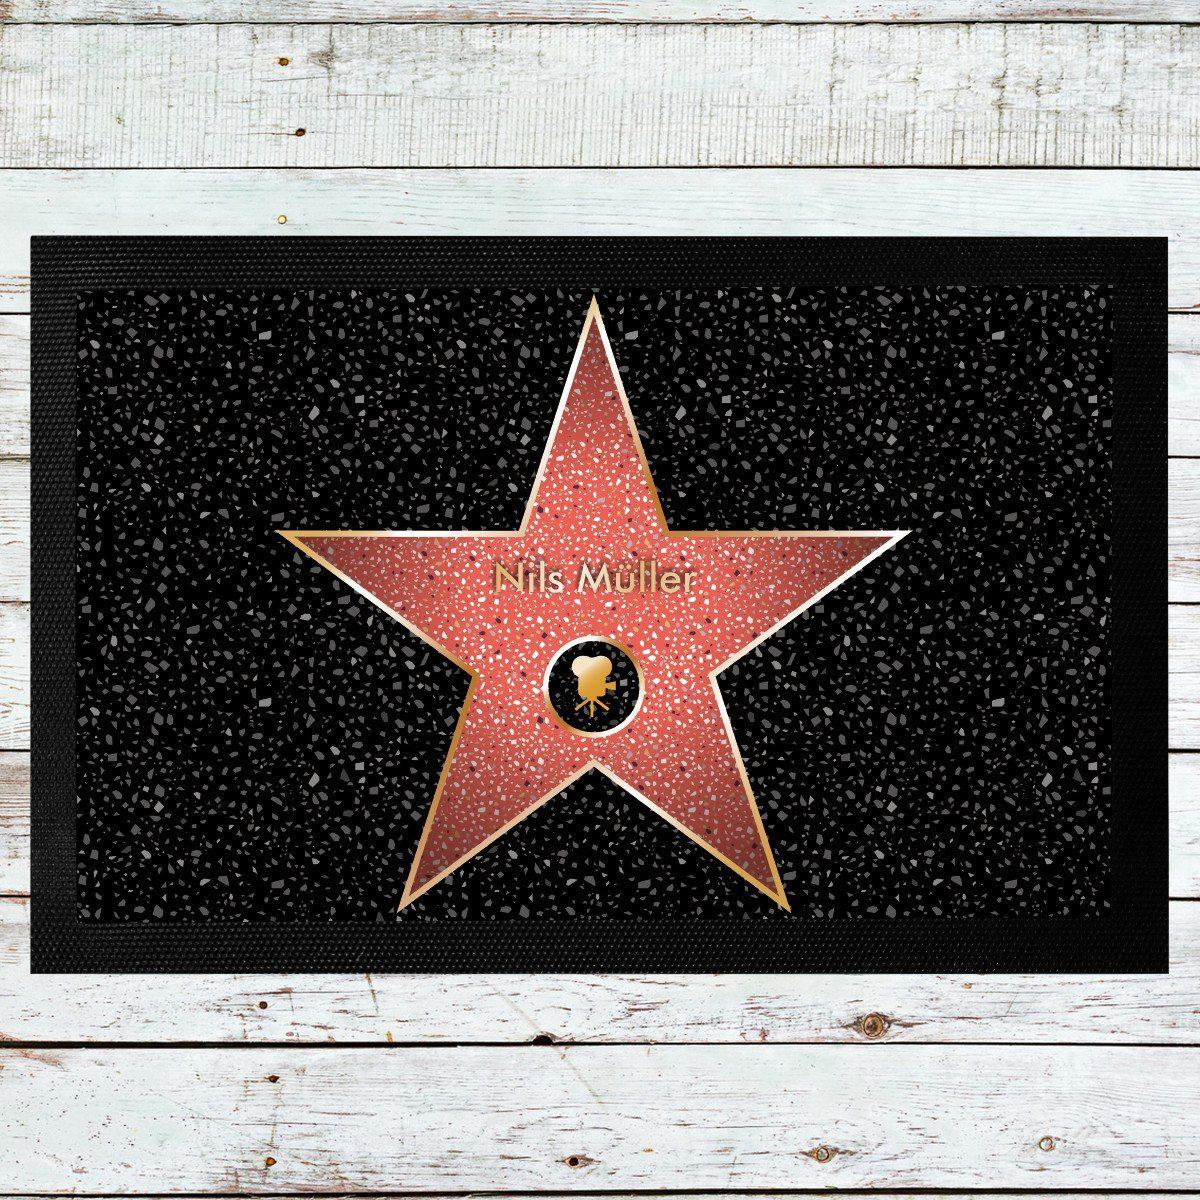 Star of Fame-dørmåtte med navn